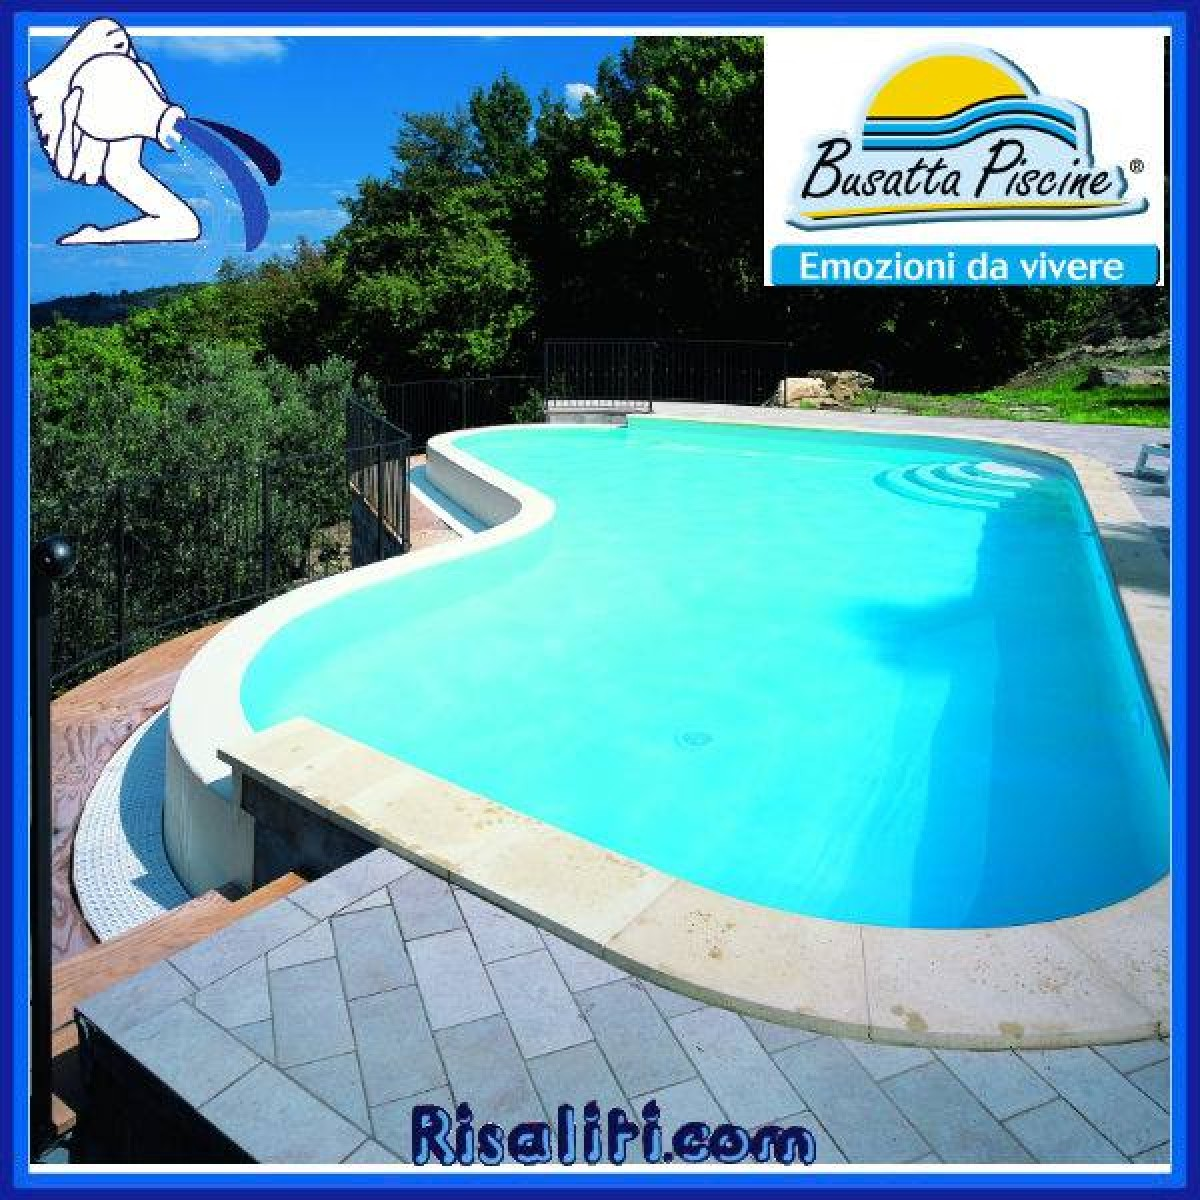 Risaliti depurazione acqua e piscine prato e pistoia - Piscina fuori terra in pendenza ...